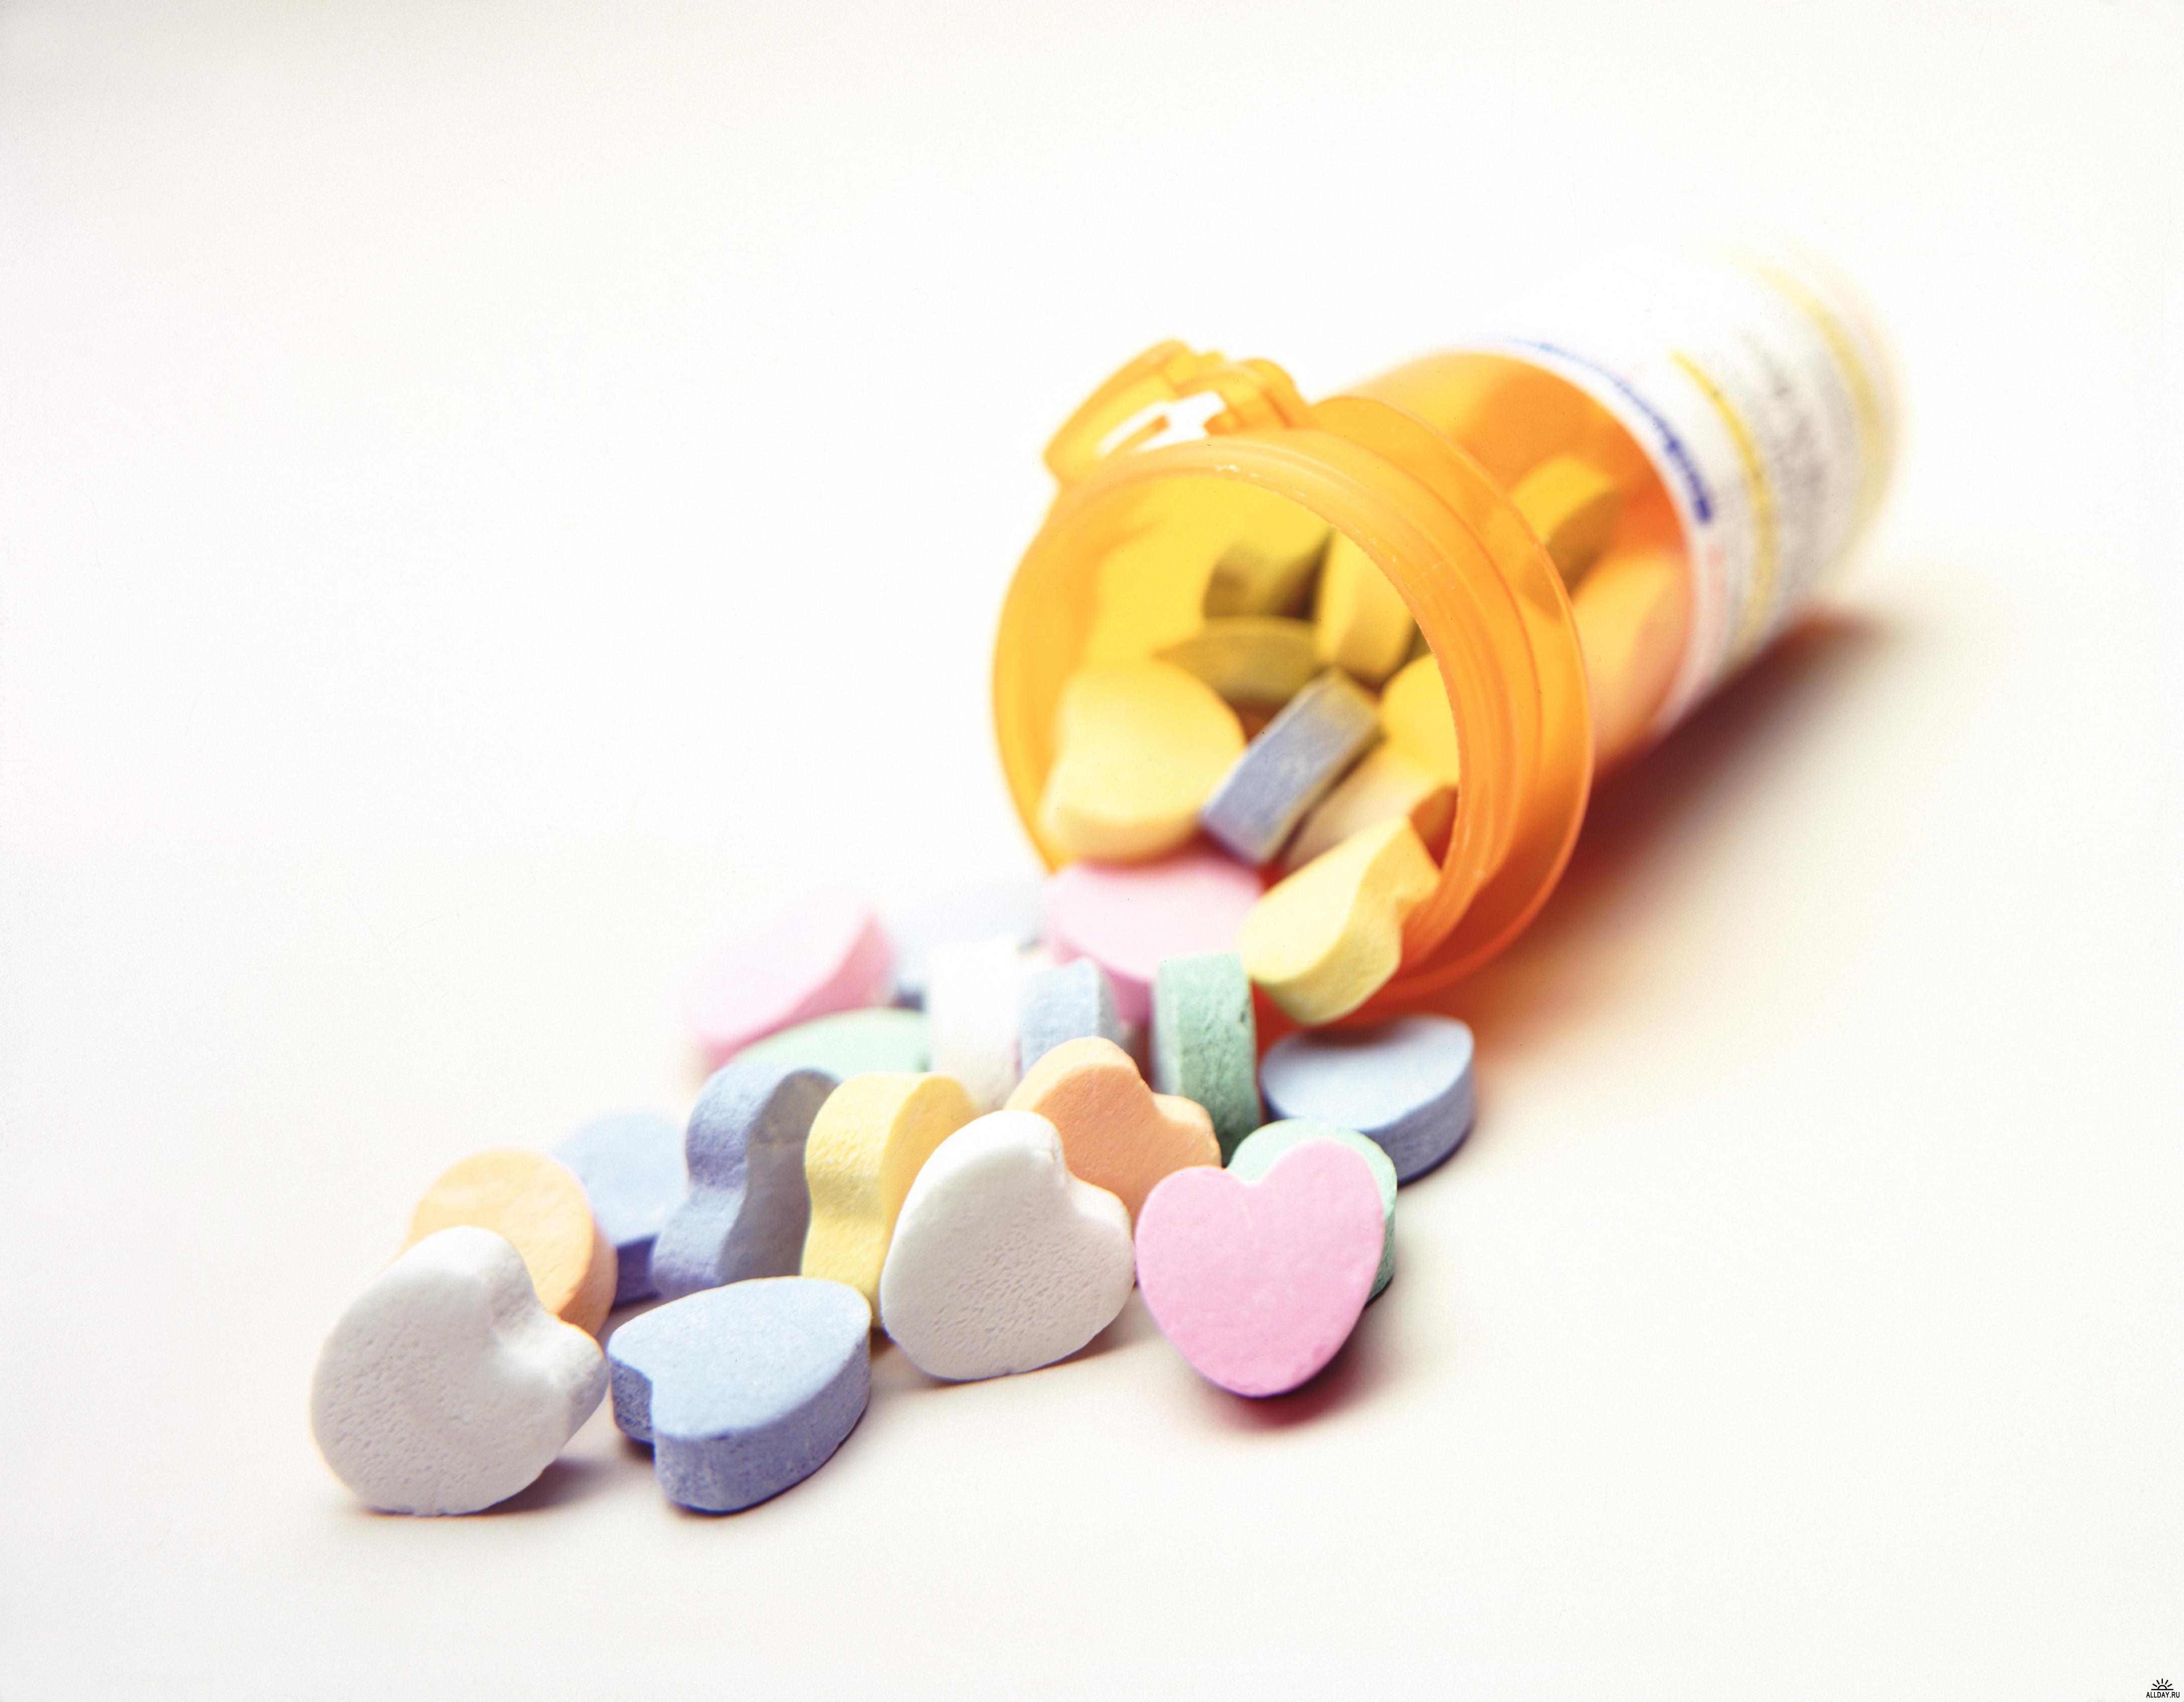 азатиоприн инструкция по применению при беременности